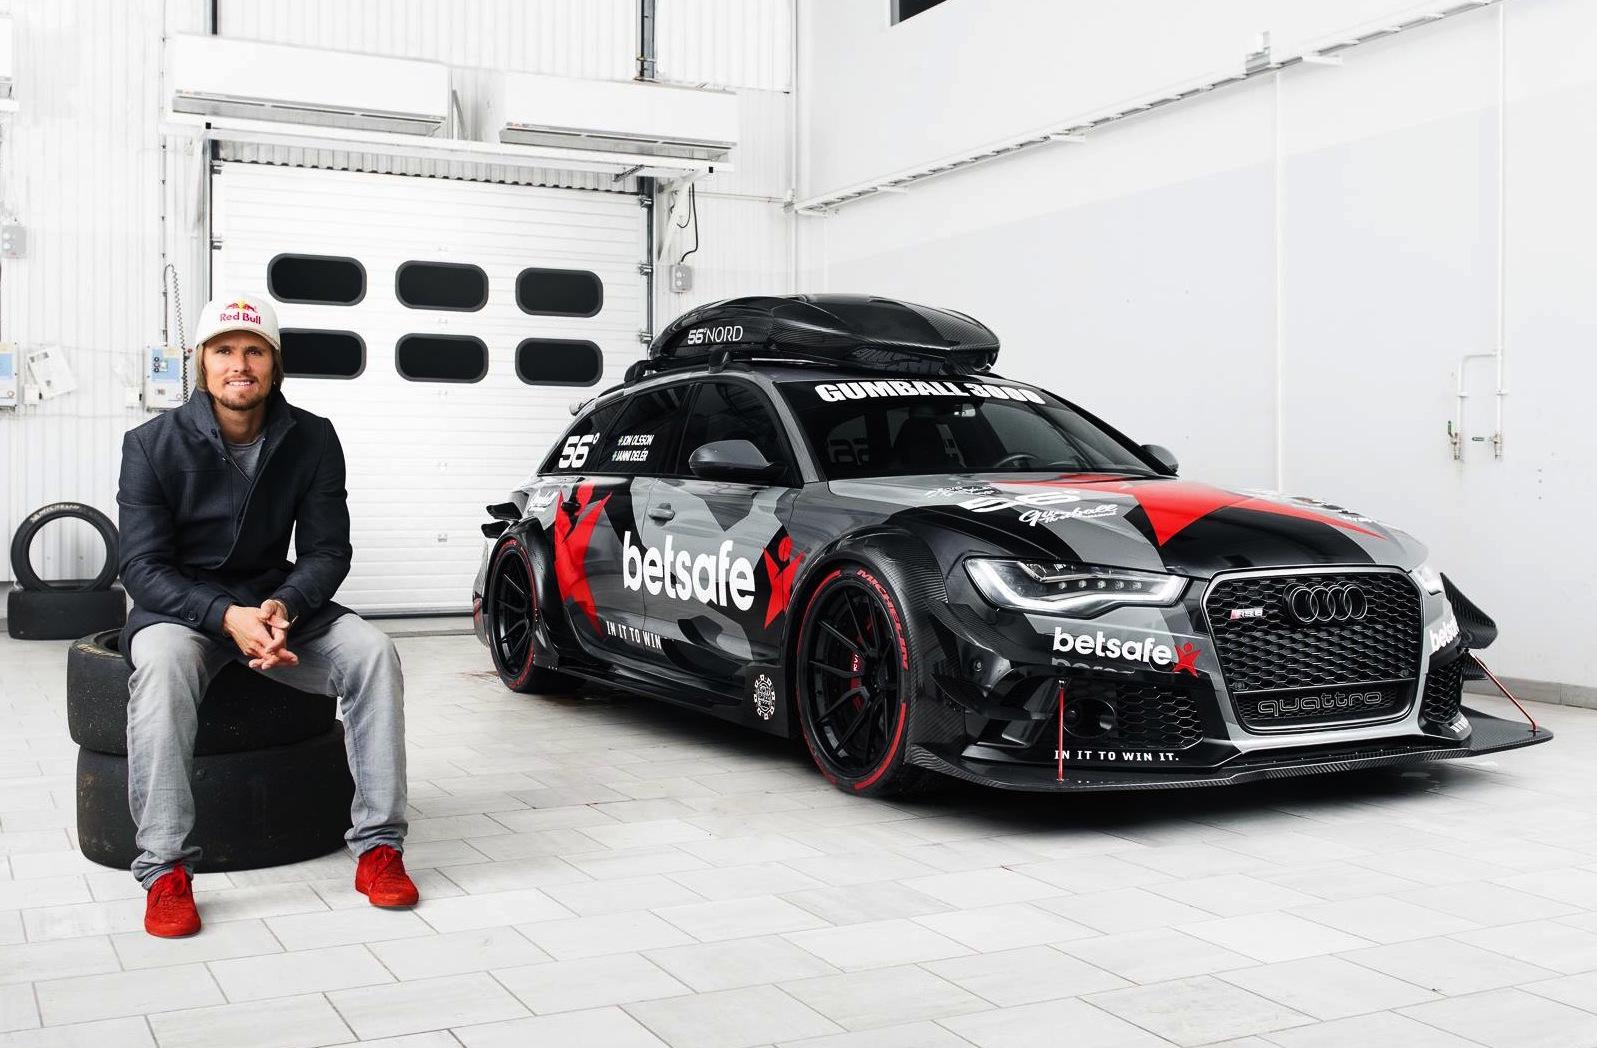 For Sale Jon Olssens Insane Audi RS Avant Hp - Audi rs6 for sale